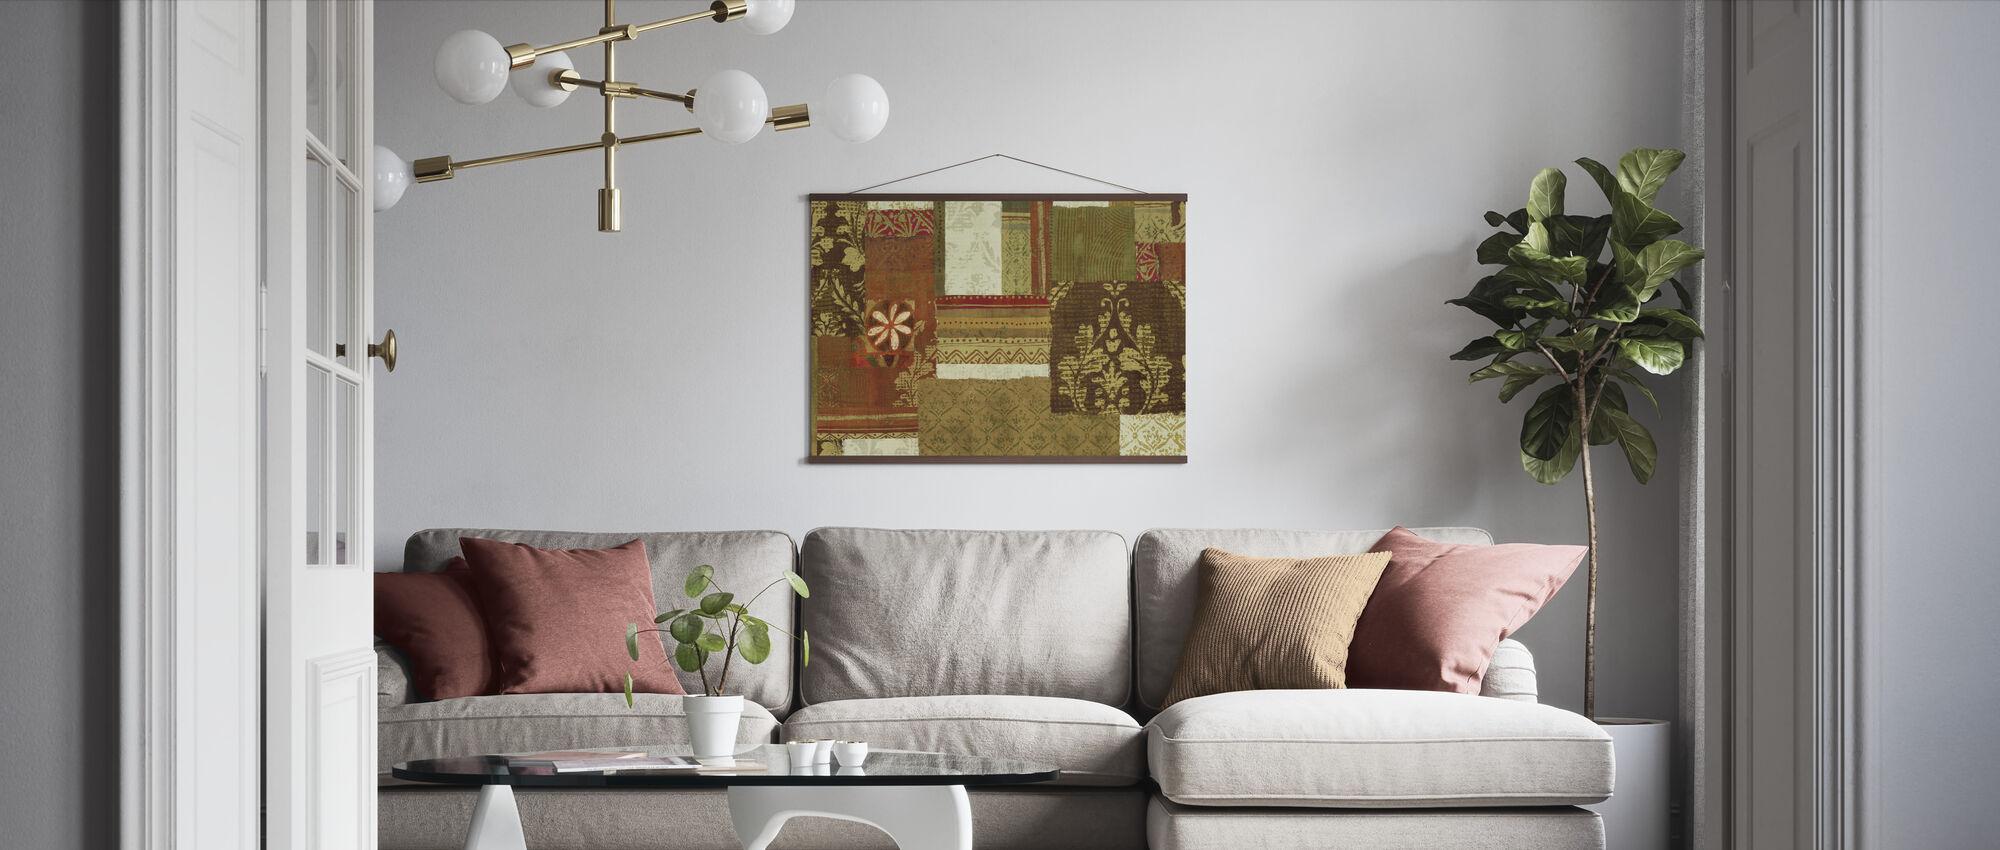 Oosterse kruising - Poster - Woonkamer